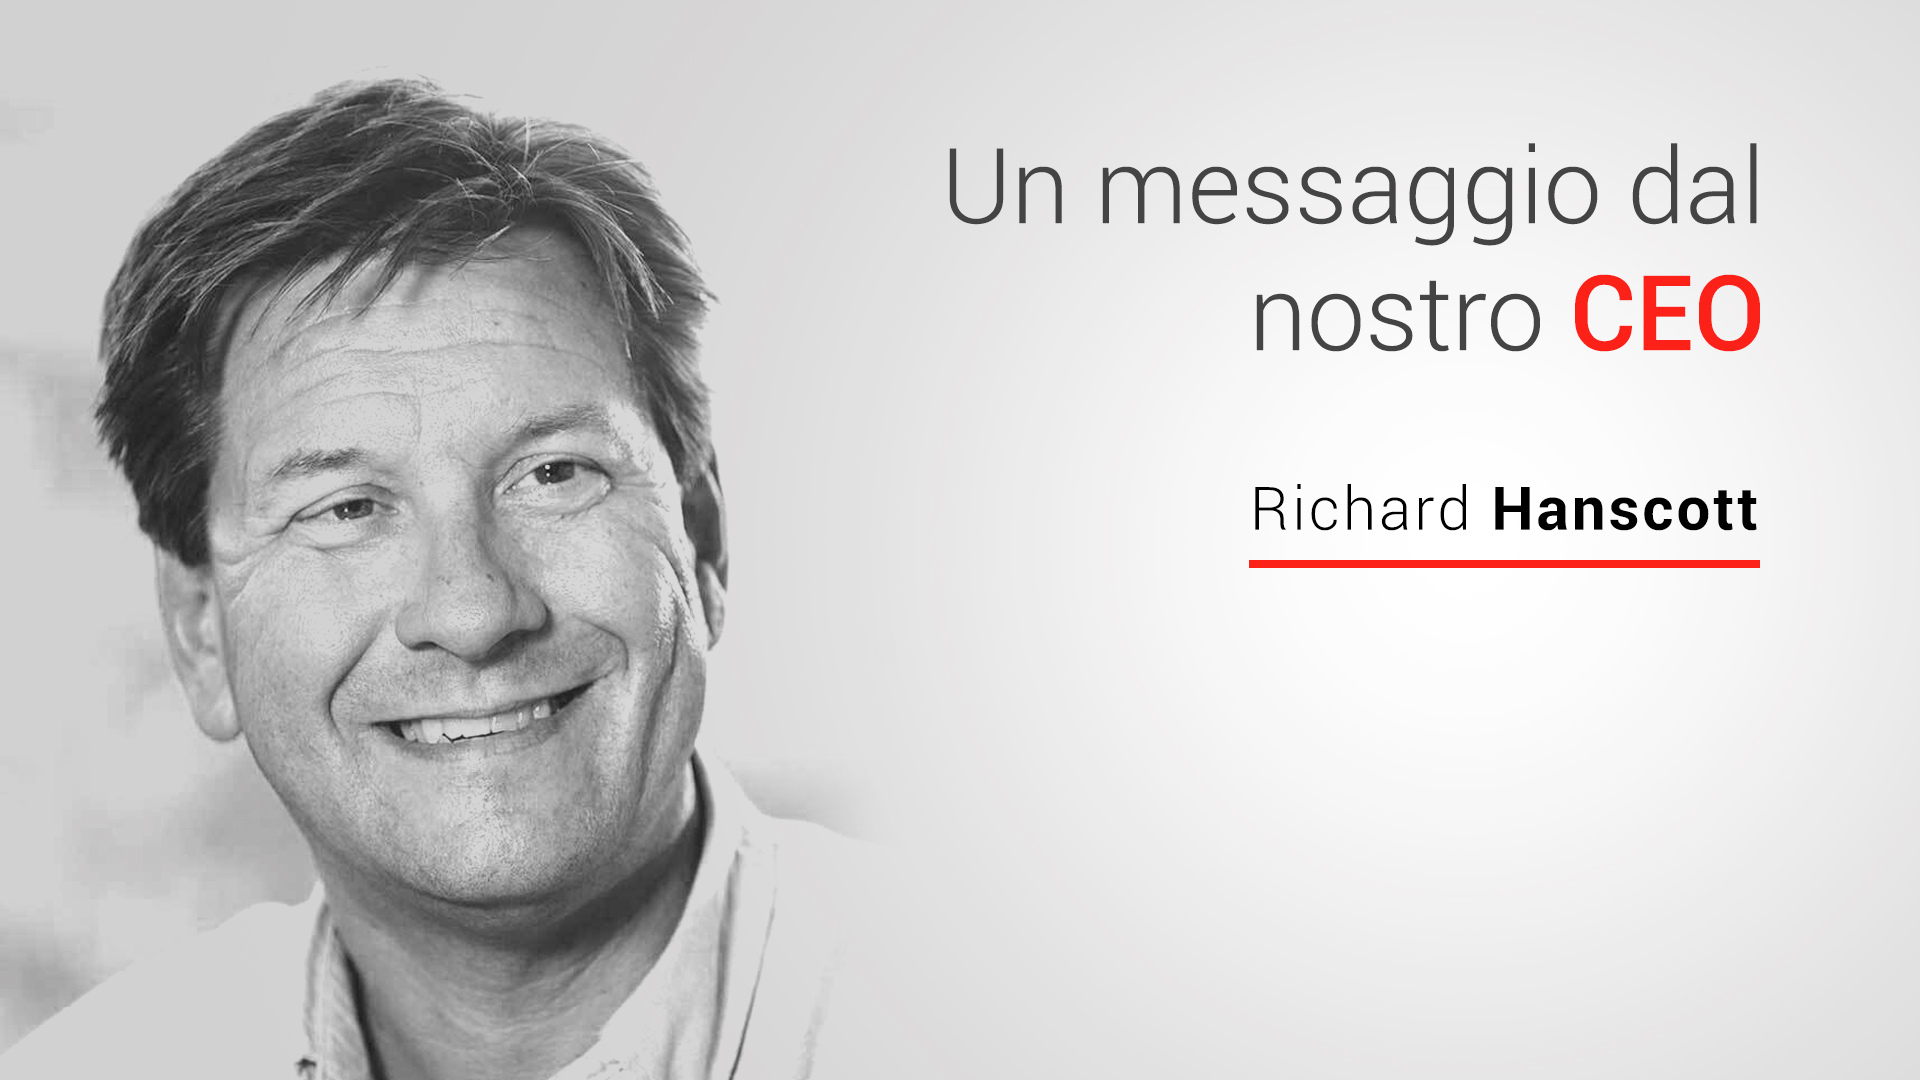 messaggio dal nostro CEO